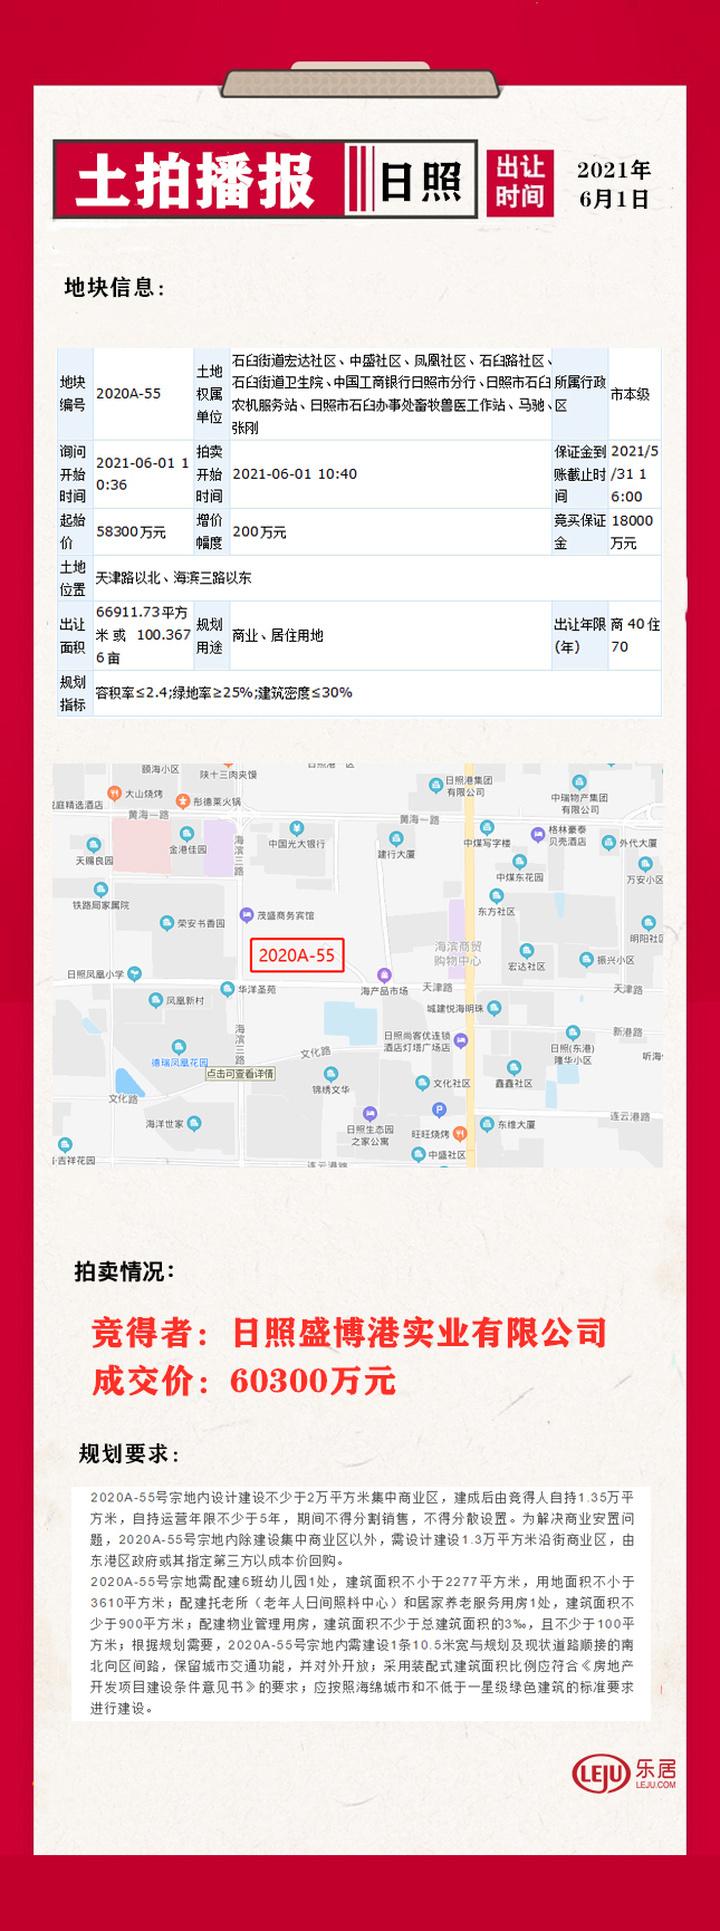 60300万元!日照盛博港实业有限公司成功竞得2020A-55地块!